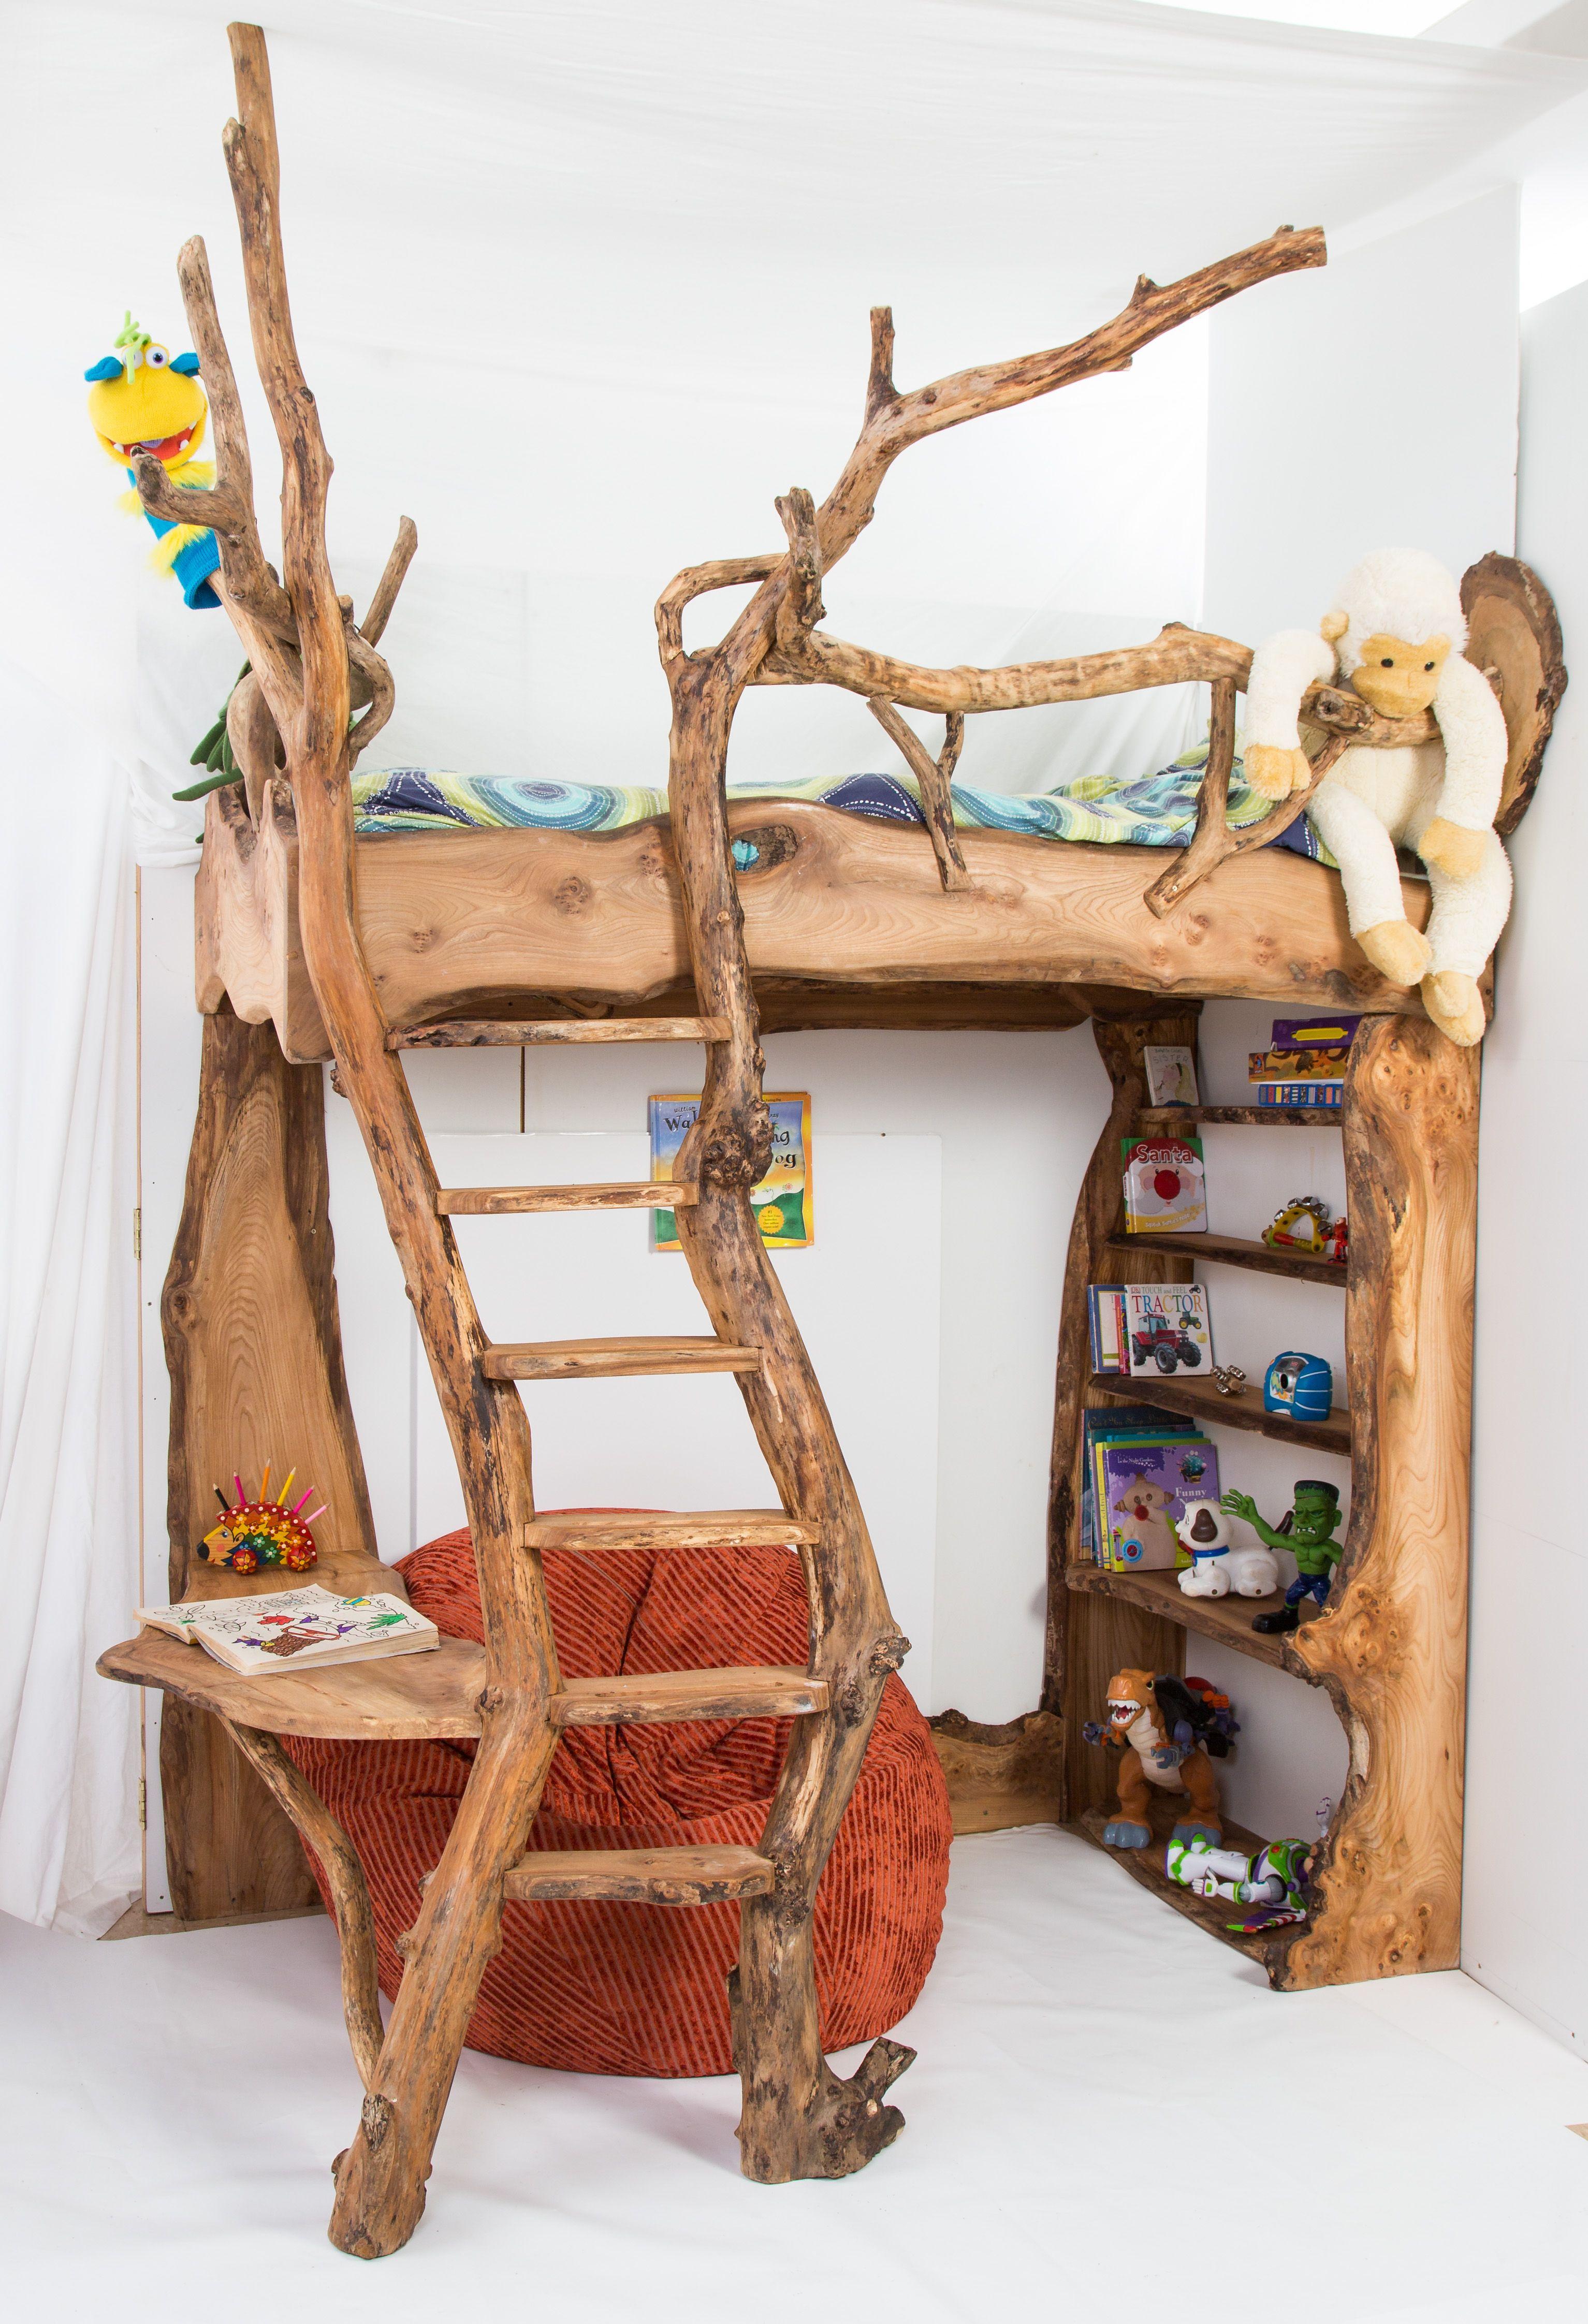 Pin Von Marion Raabe Auf Kids Rooms Betten Fur Kinder Baumbett